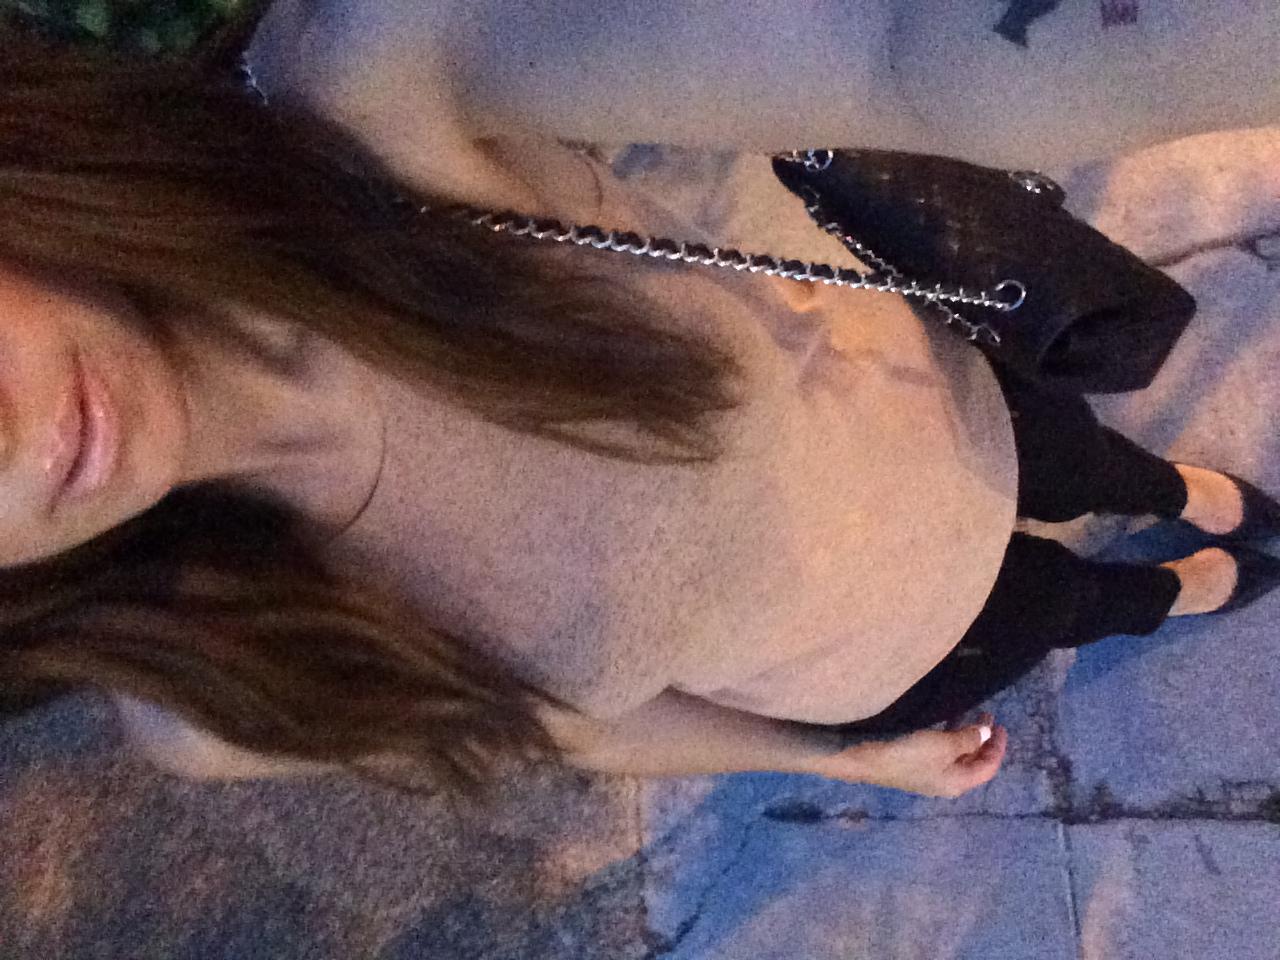 Catt Sadler Cattwalk Chanel Fendi